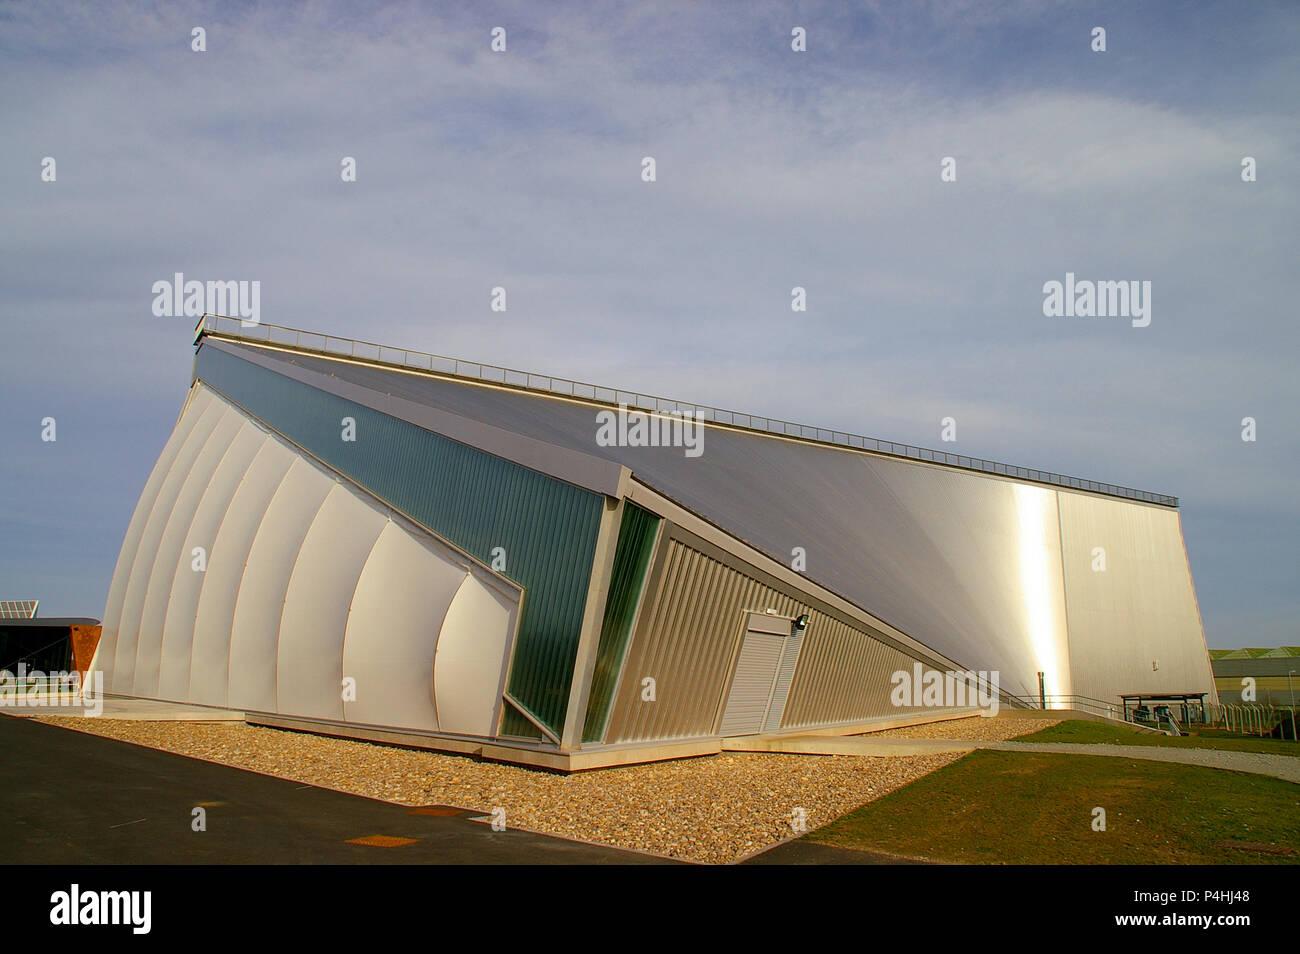 Exposición Nacional de la guerra fría, el museo RAF Cosford, un edificio diseñado por los arquitectos Fielden Clegg Bradley. RAF Cosford museo de aeronaves Imagen De Stock